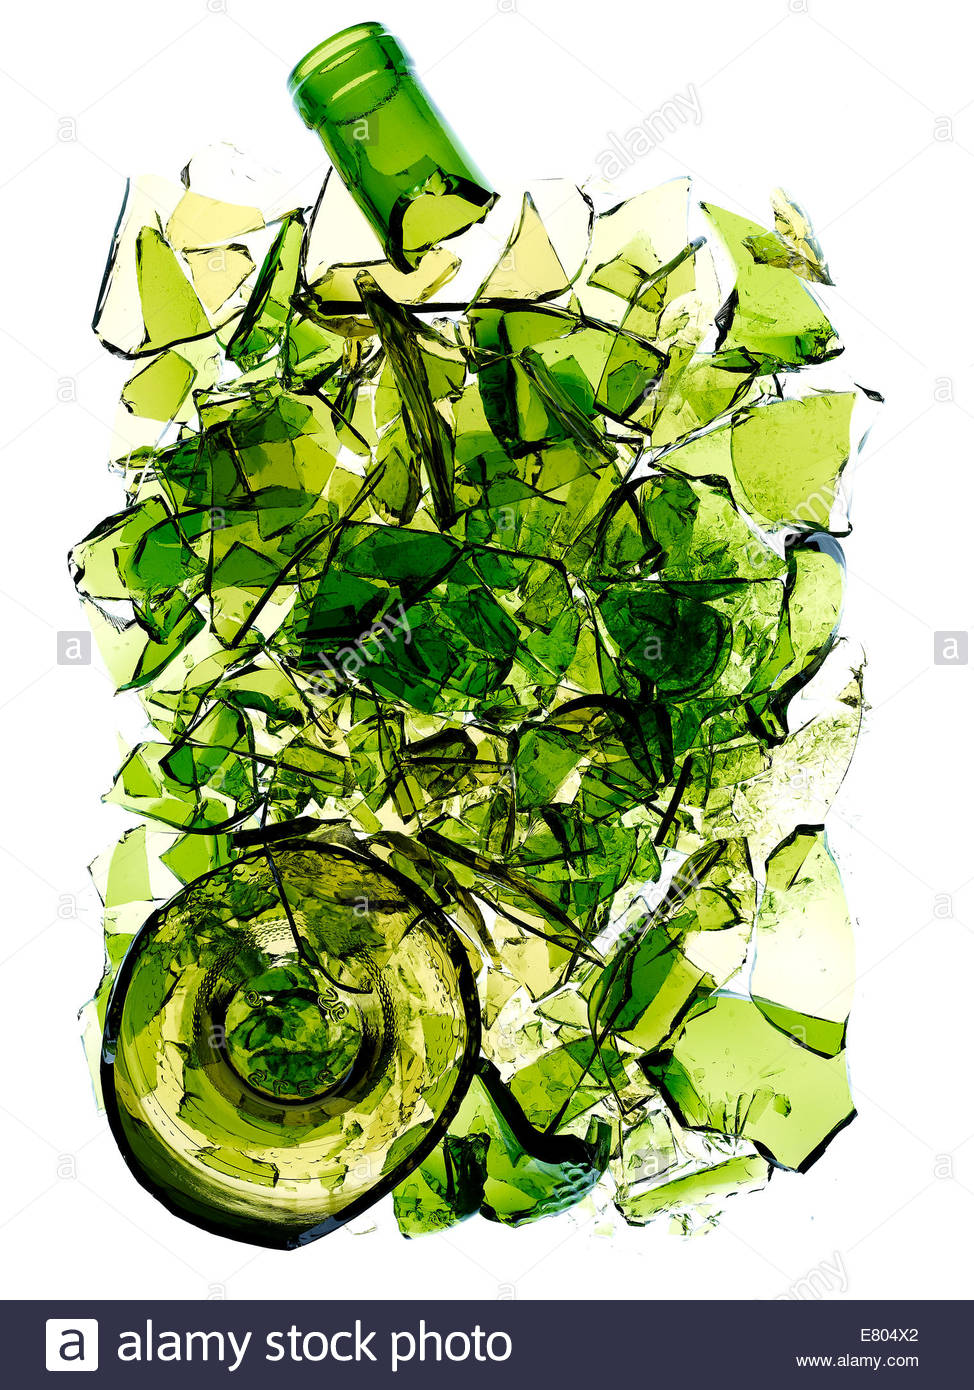 Destrozado y roto color verde botella contra fondo blanco. Imagen De Stock